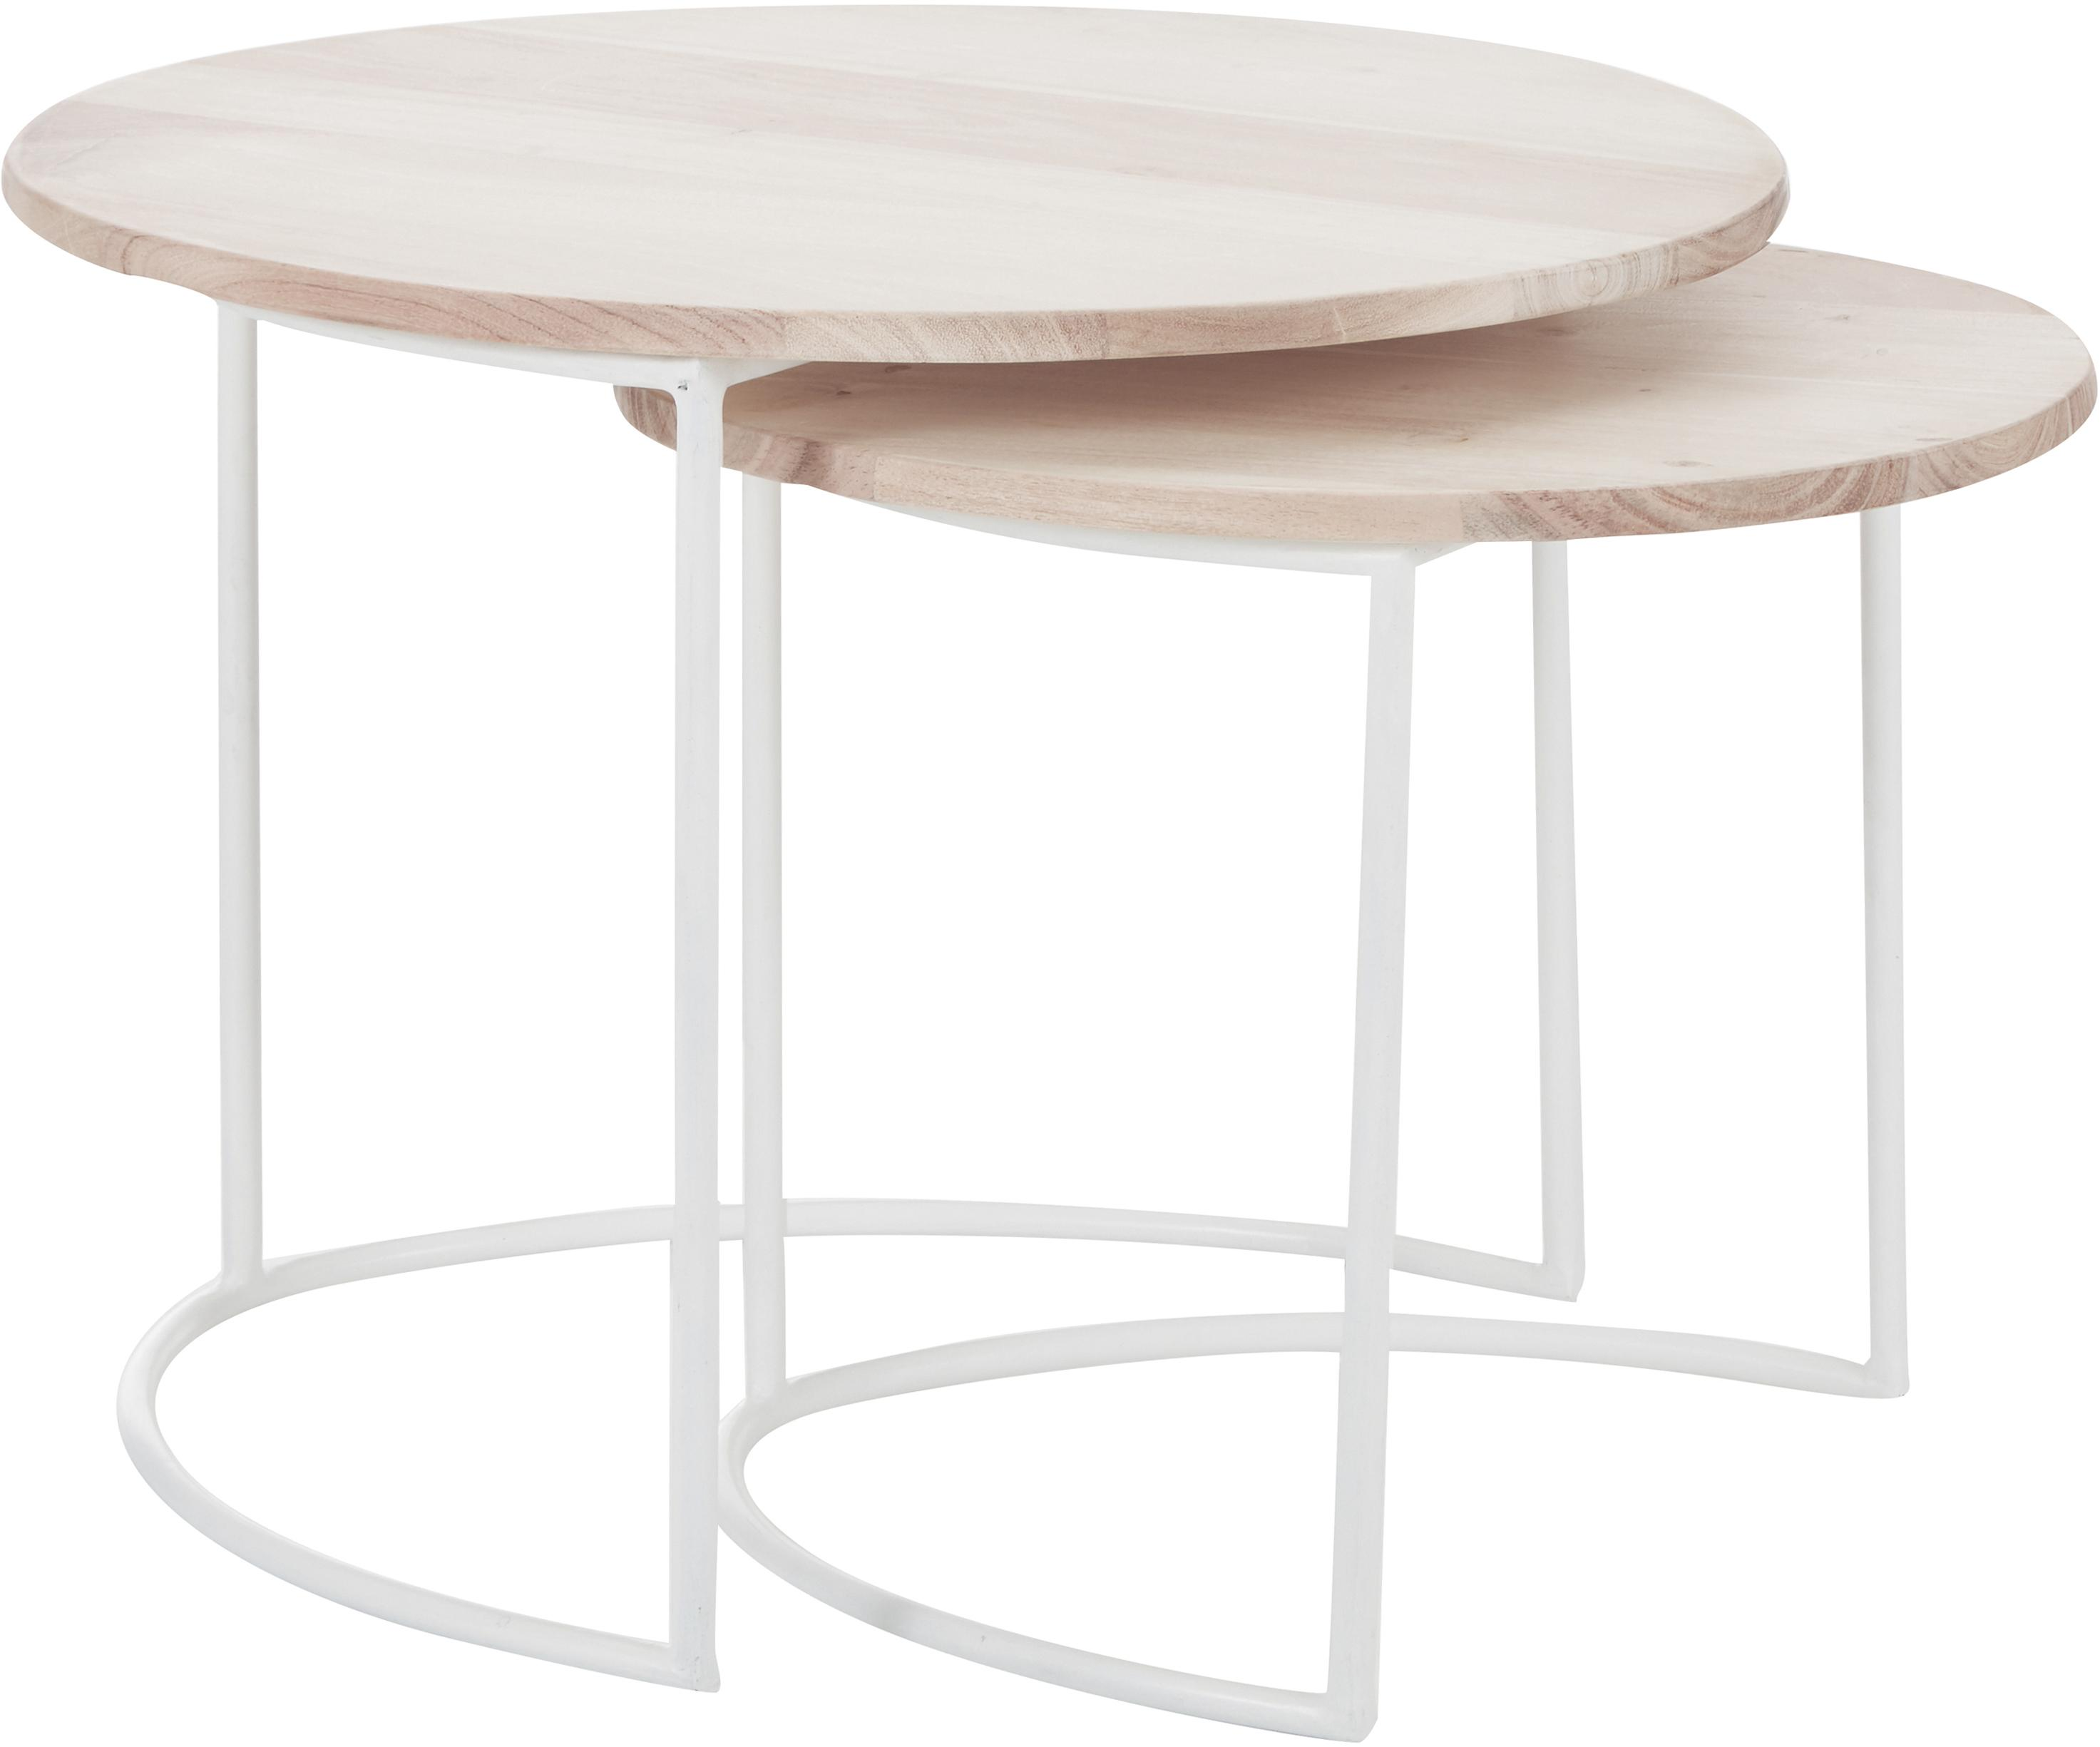 Bijzettafel set Emma, met houten tafelblad, 2-delig, Frame: gepoedercoat metaal, Acaciahoutkleurig, wit, Verschillende formaten